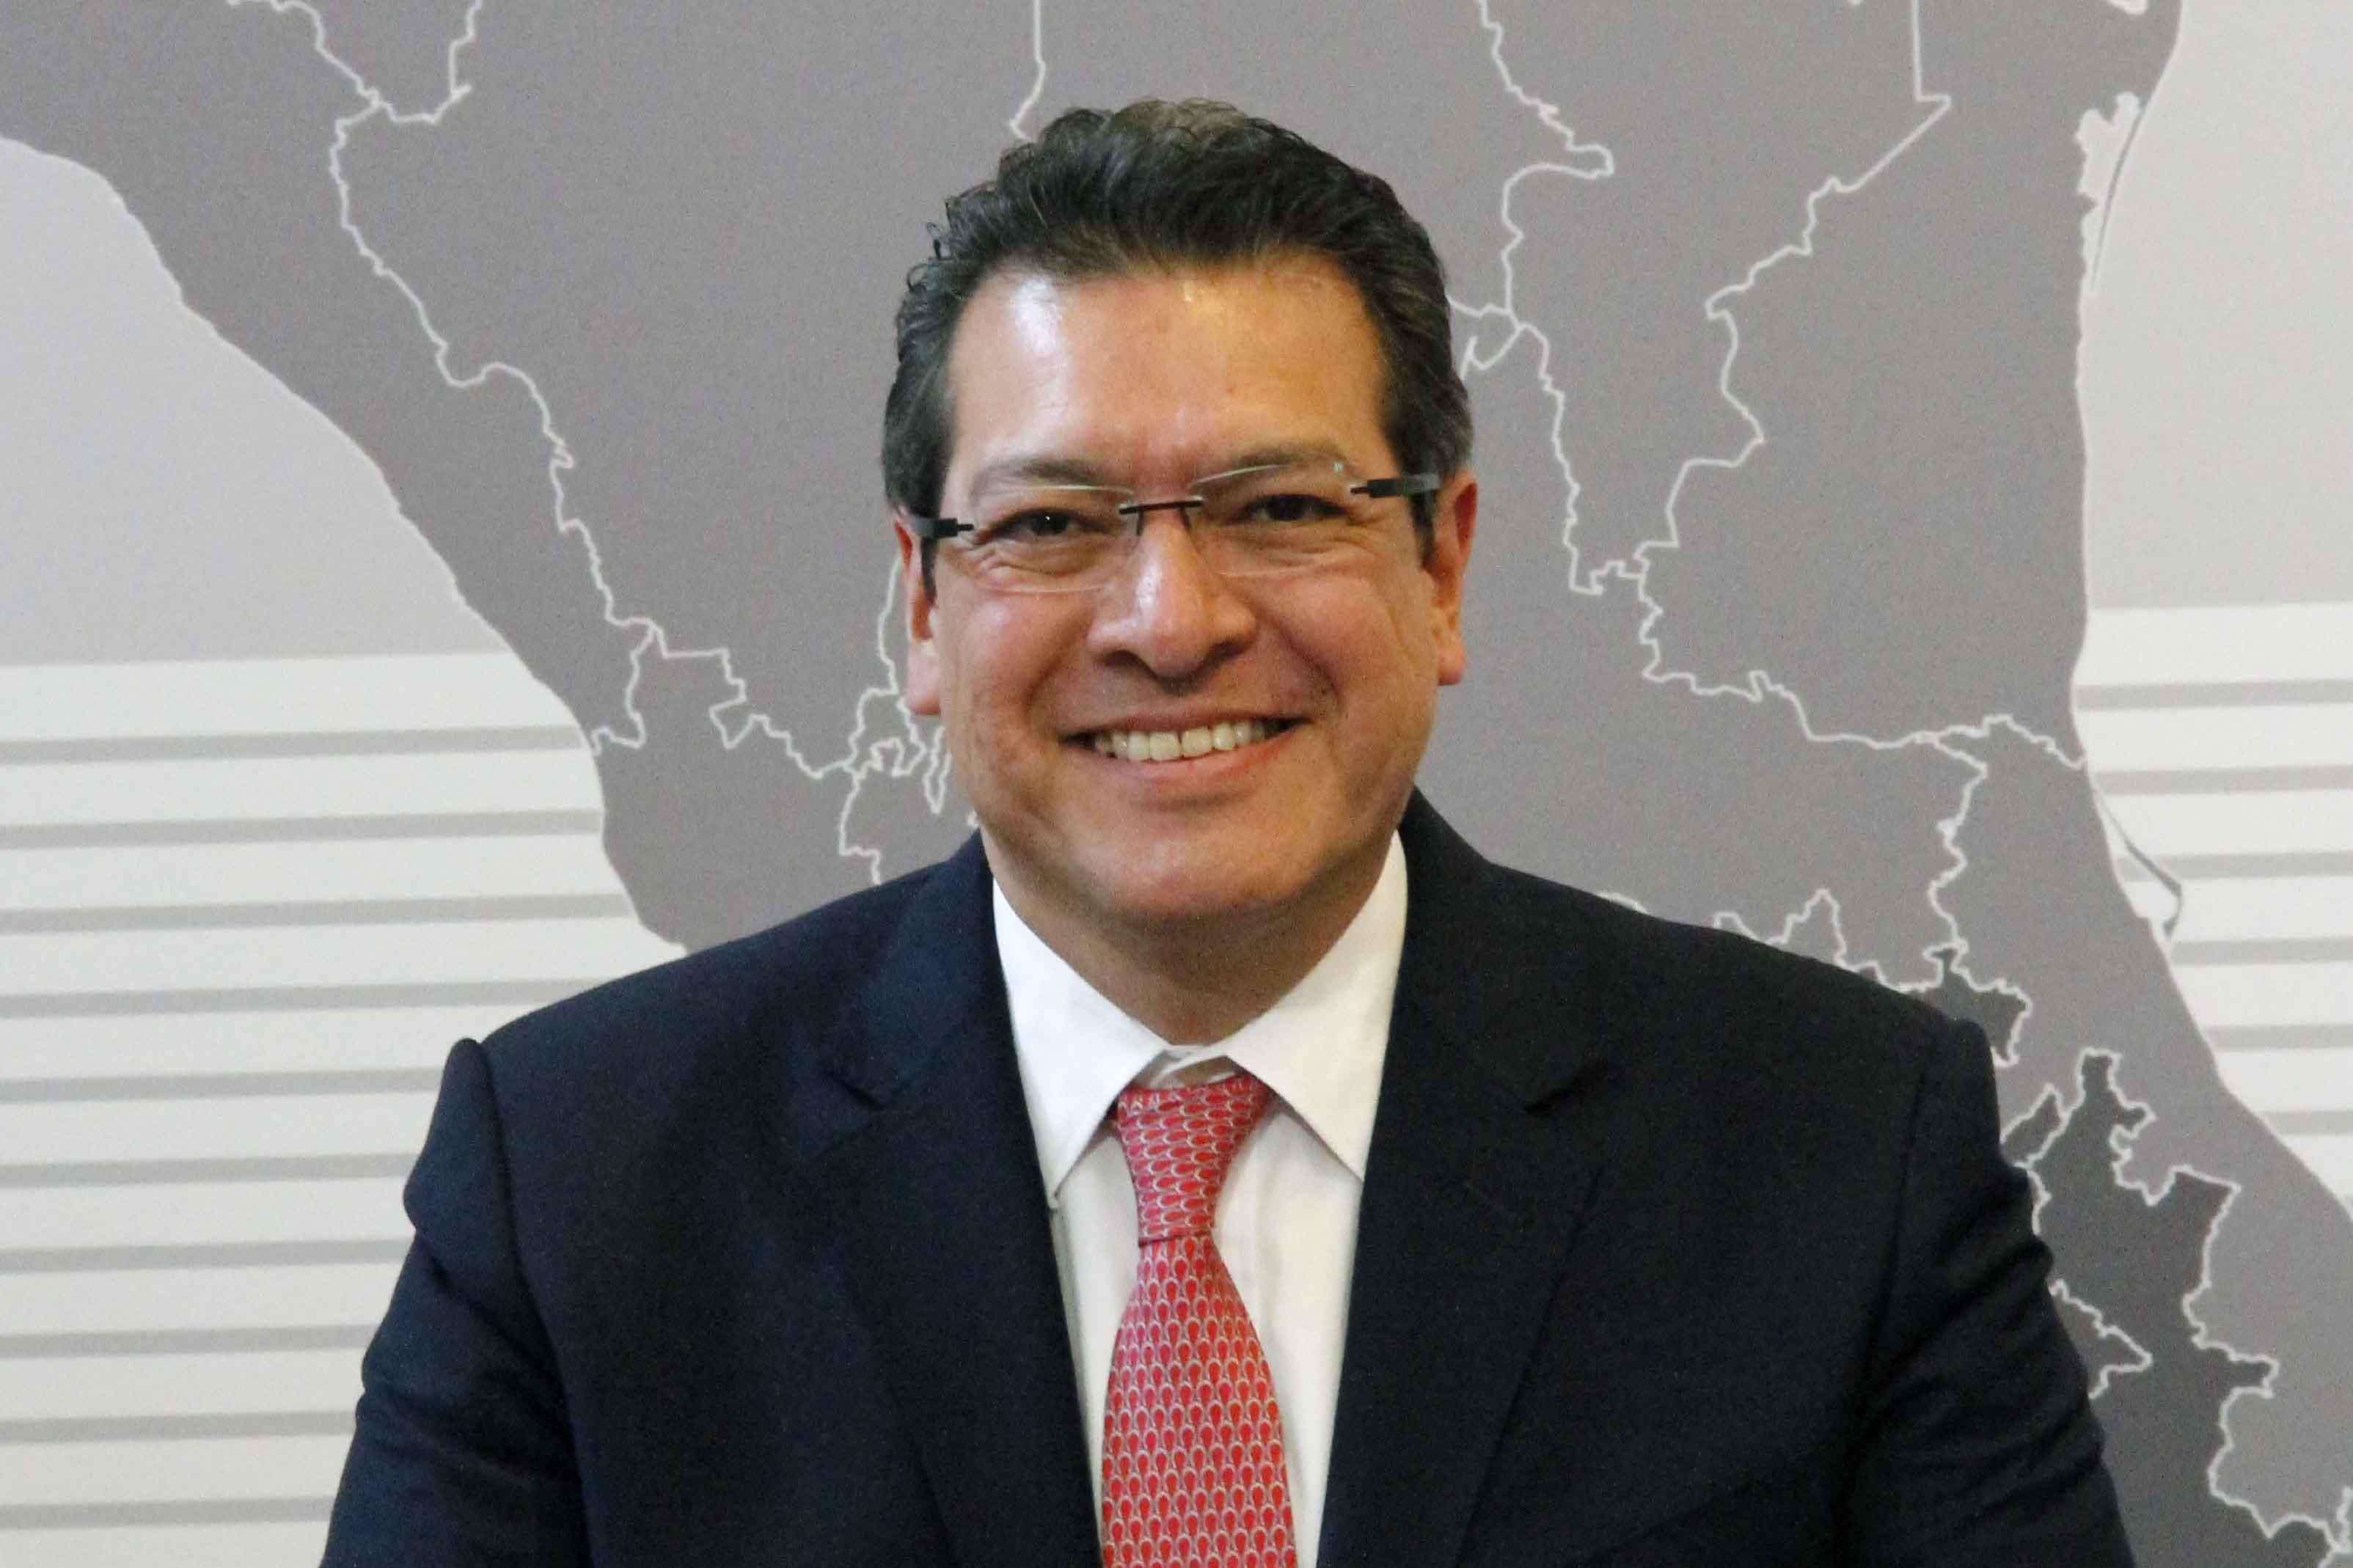 Plan de Gobierno, base para Tlaxcala como referencia regional: Marco Mena